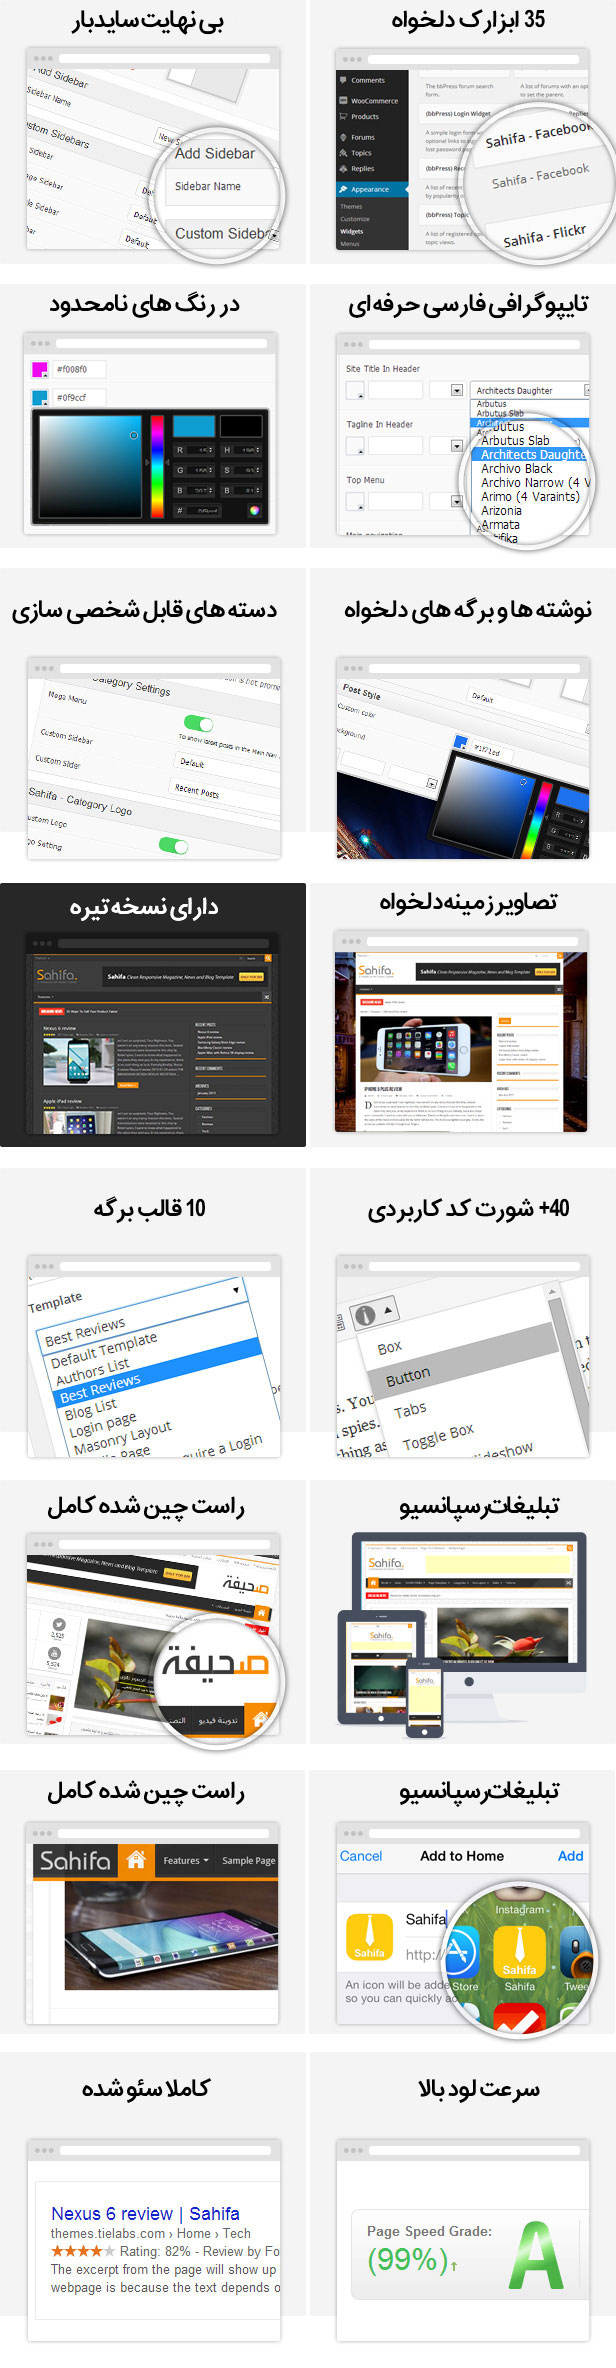 پوسته مجله خبری صحیفه